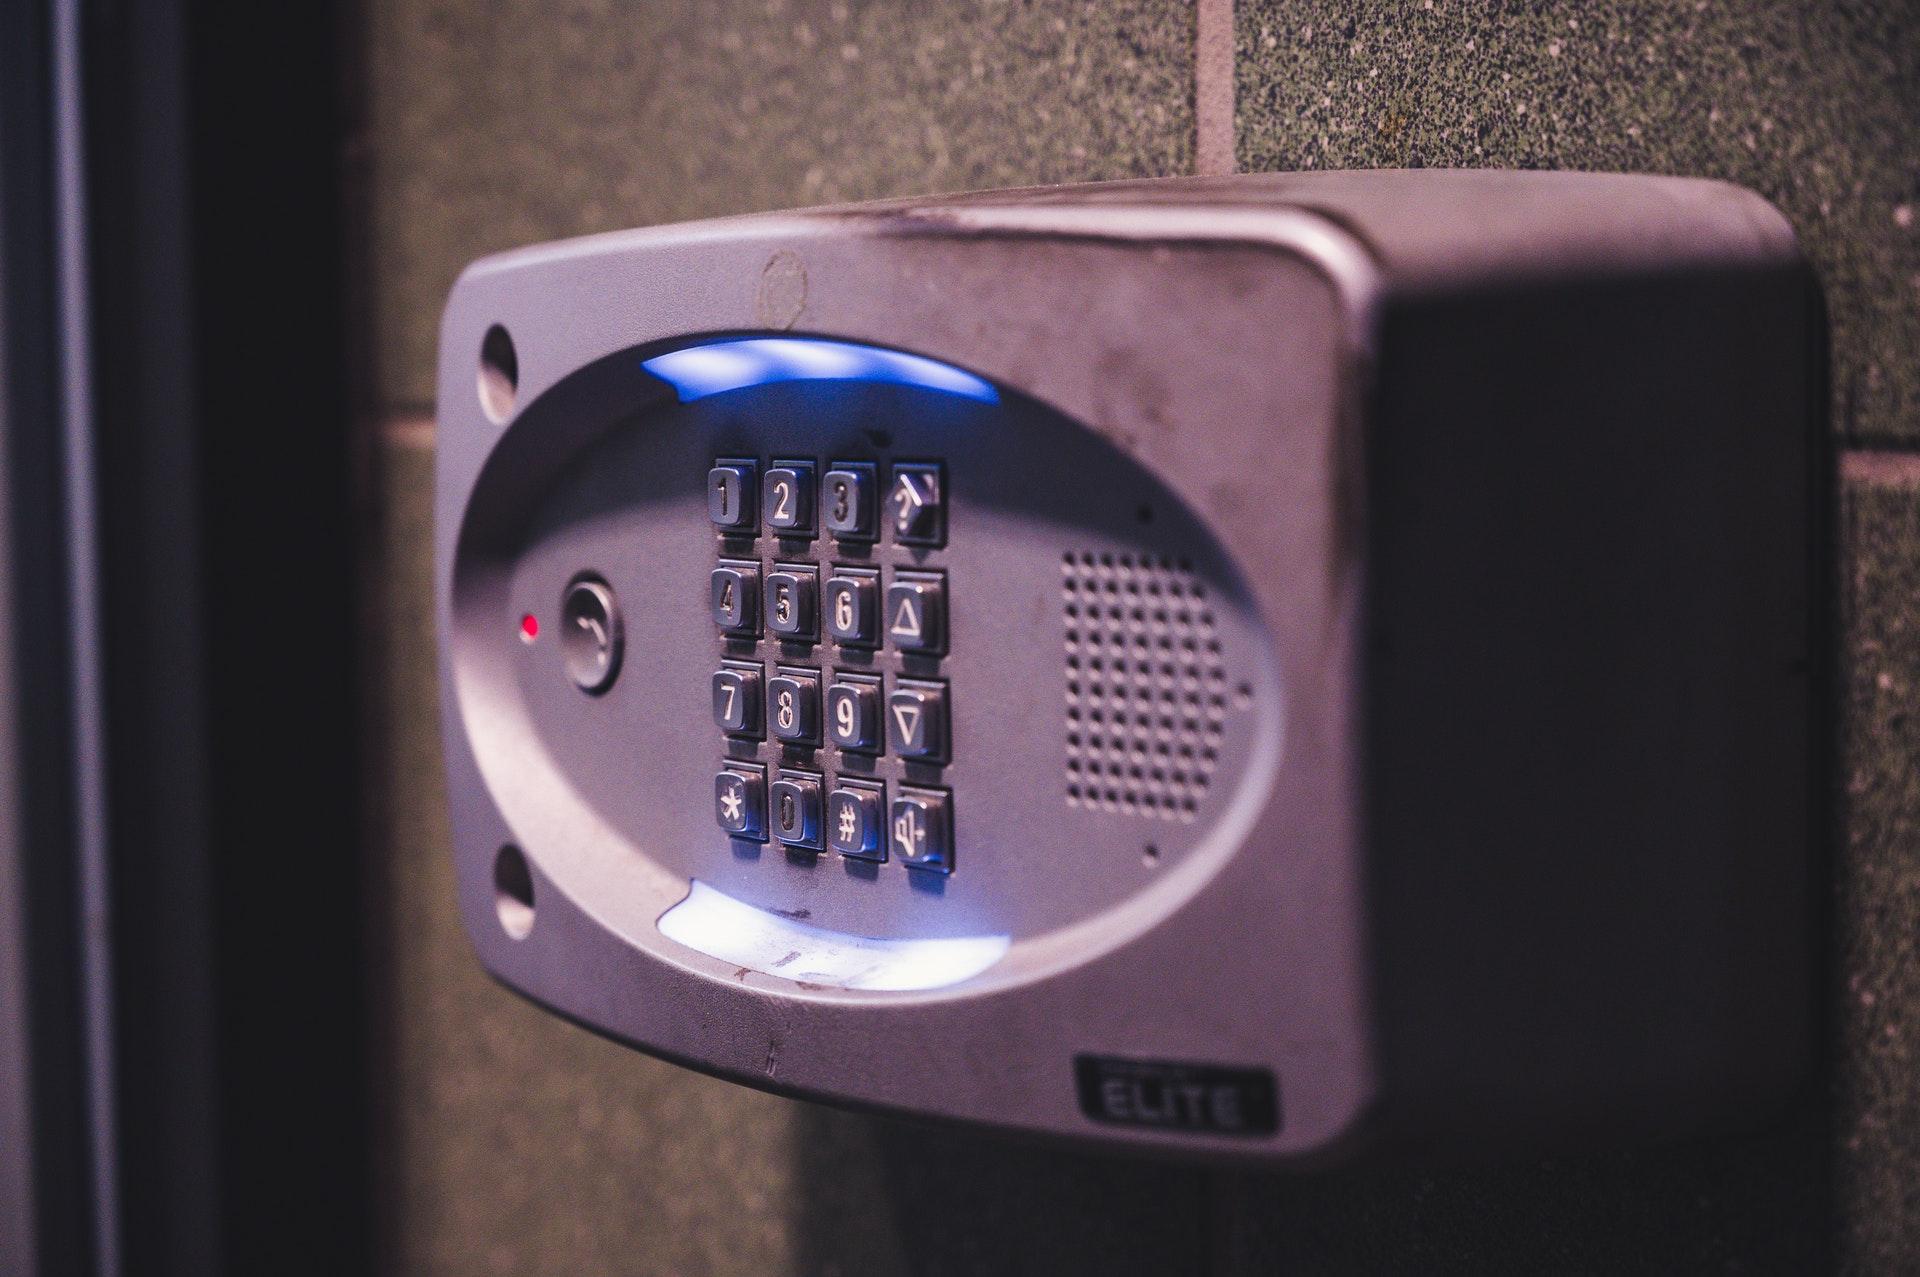 Los Sensores De Imagen Pueden Mejorar El Sistema De Seguridad De Tu Hogar